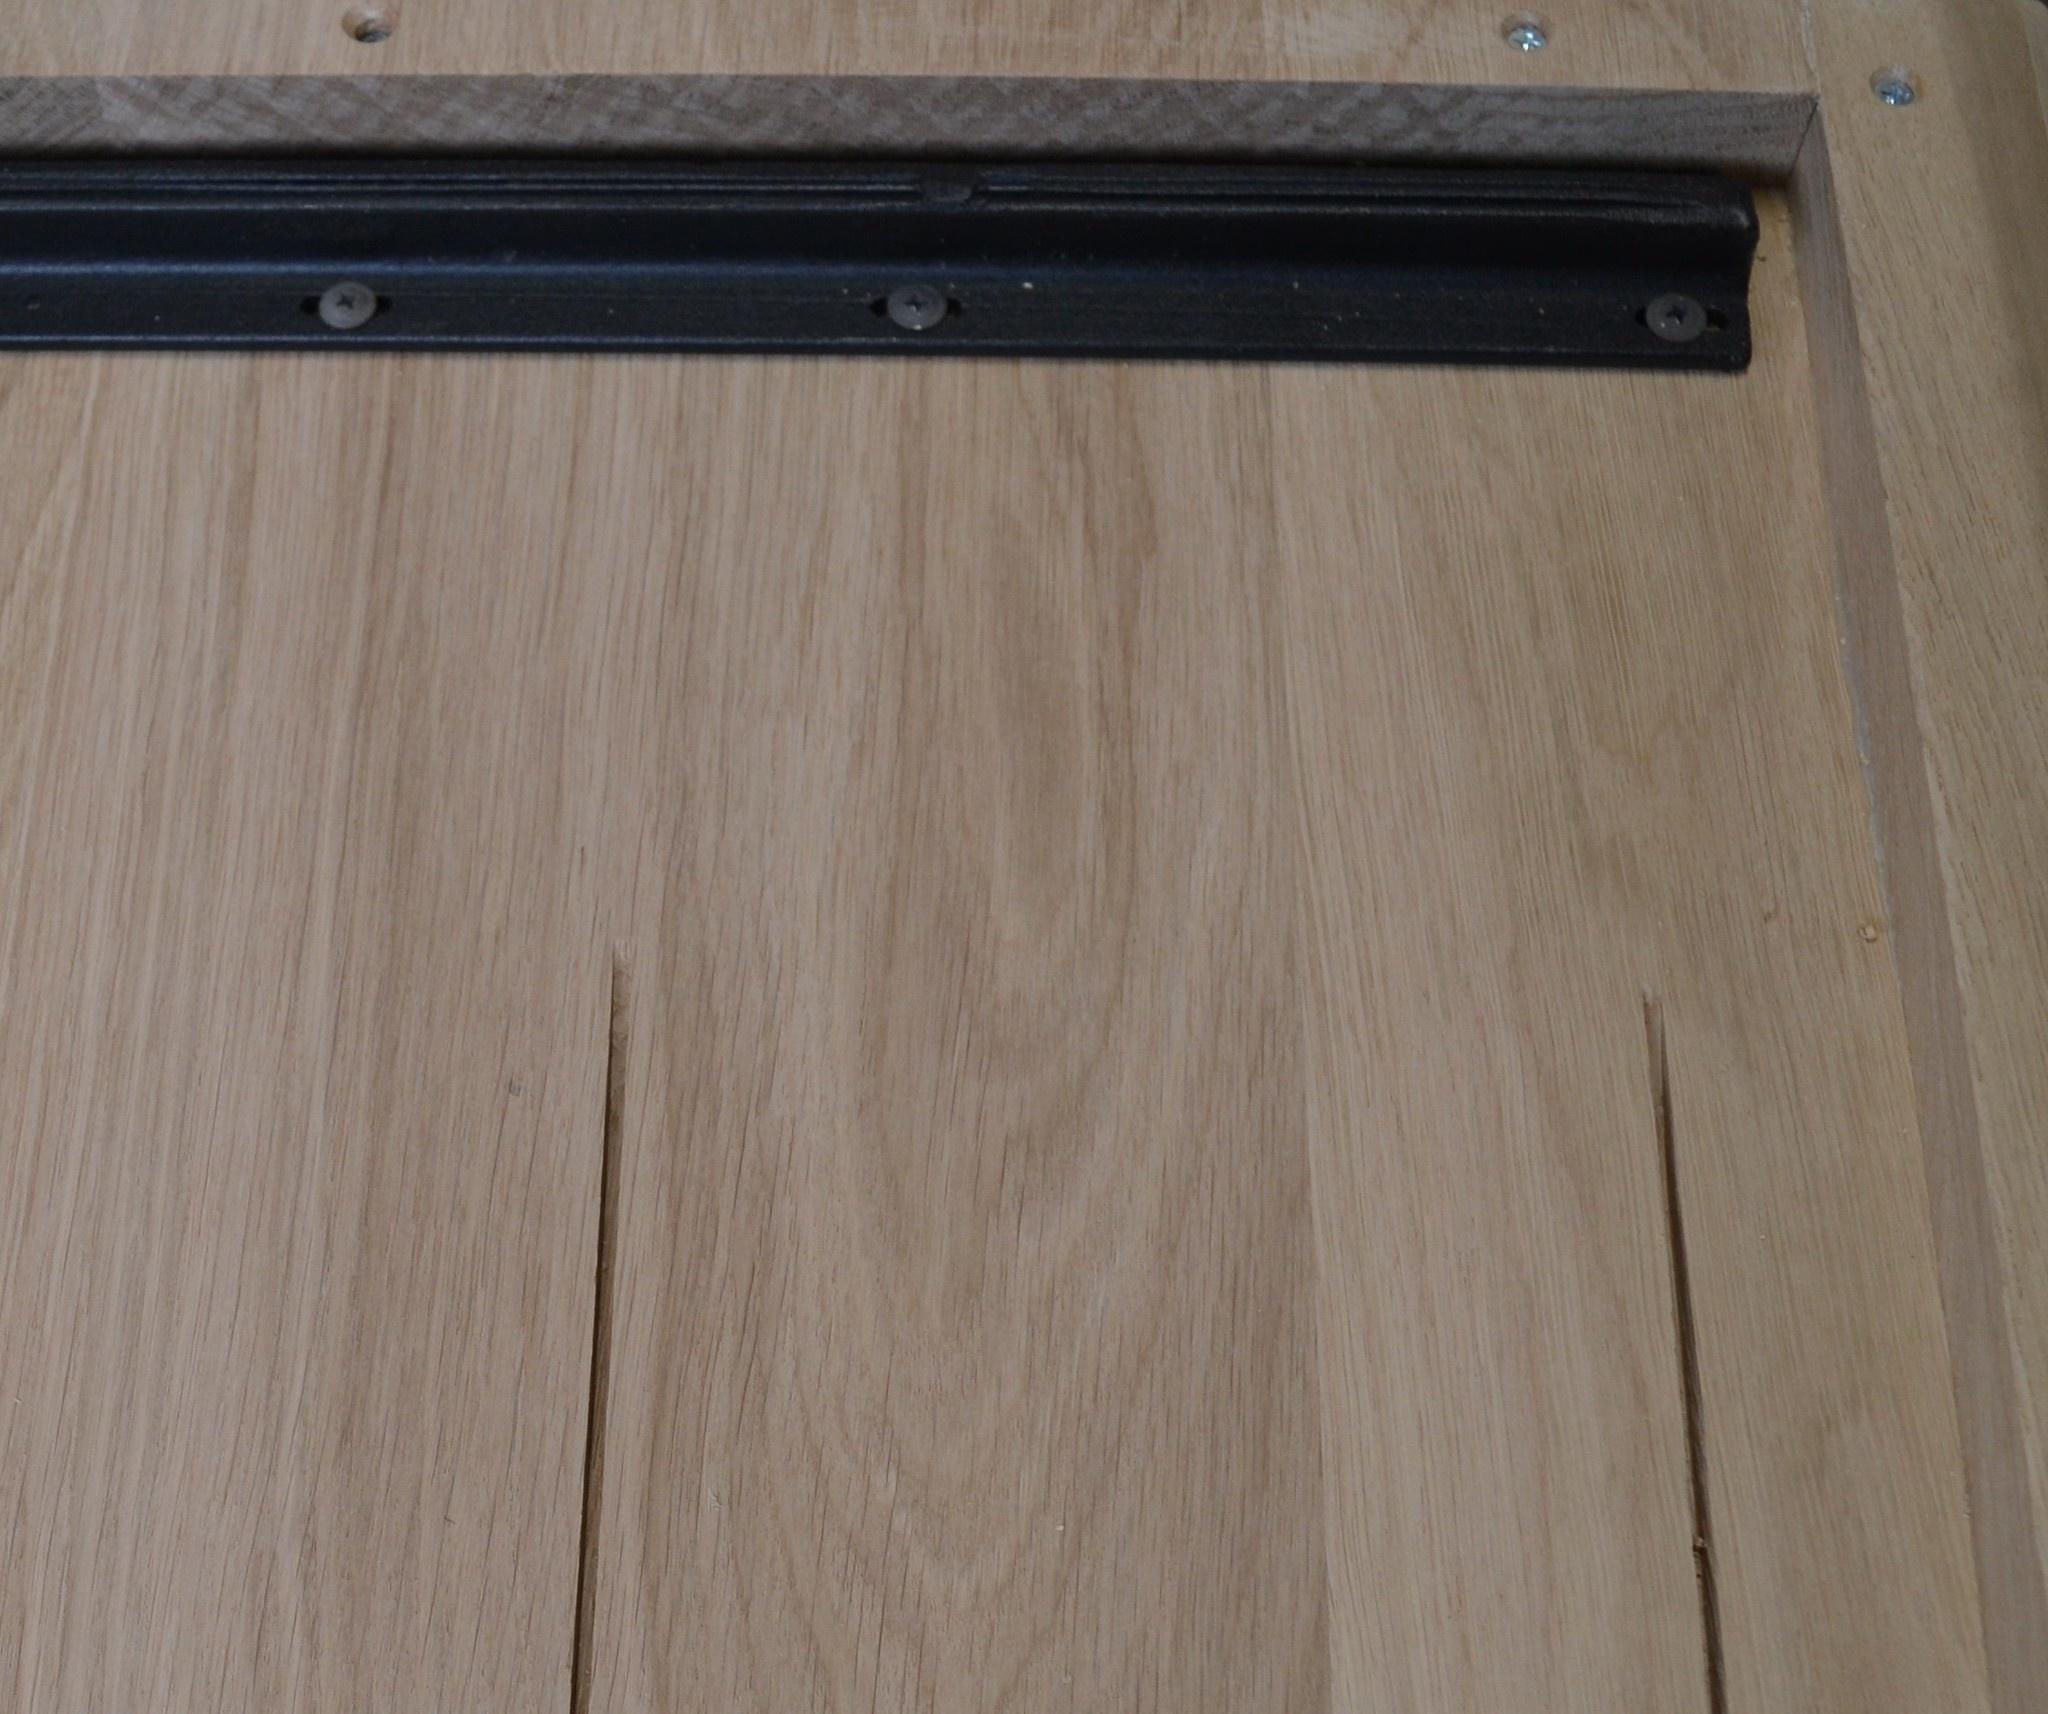 Tischplatte Wildeiche baumkante - 6 cm dick - verschiedene Größen - 2-lagig rundum verdickt - Asteiche (rustikal) - Eiche Tischplatte mit  natürlichen Baumkant - Verleimt & künstlich getrocknet (HF 8-12%)